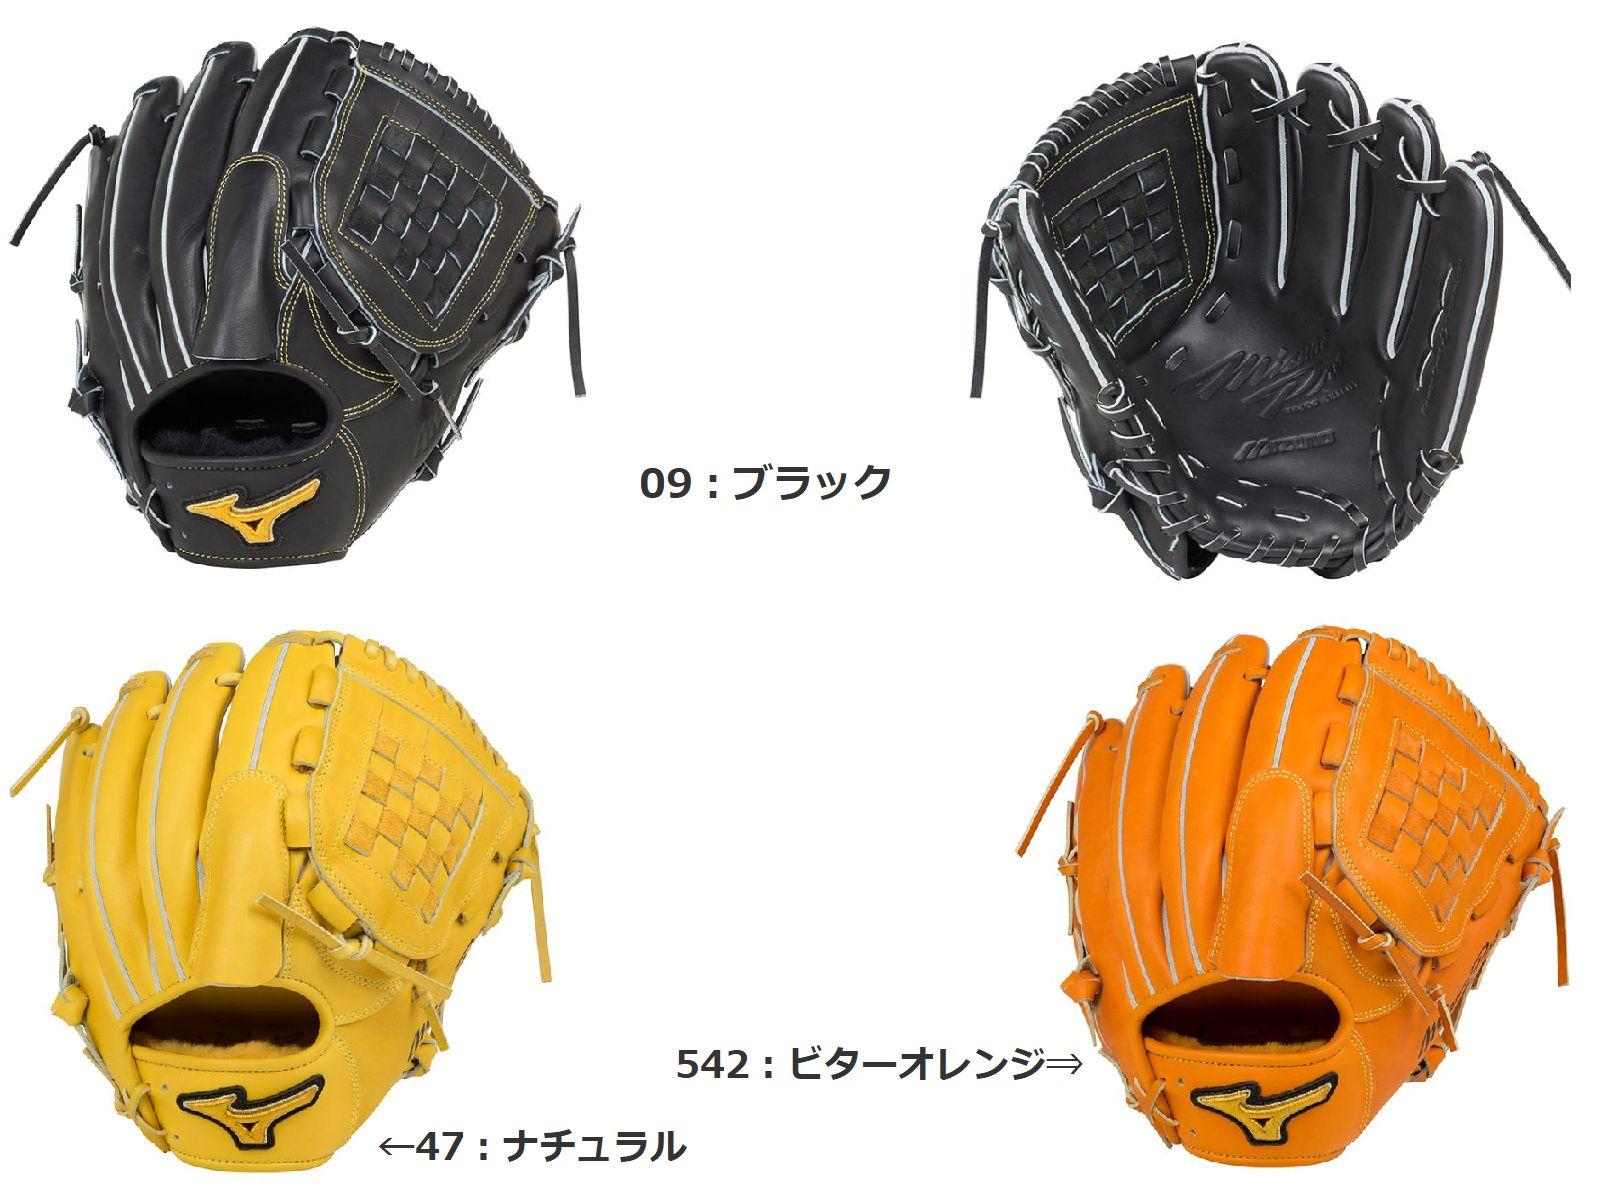 【Mizuno Pro=ミズノプロ】野球 一般 硬式用 グラブ グローブ<FINGER CORE TECHNOLOGY フィンガーコアテクノロジー【投手用1】【ジェネラルキップレザー】>[ヨコ型タイプ](サイズ:11)<ナチュラル/ビターオレンジ/ブラック>(右投用/左投用)